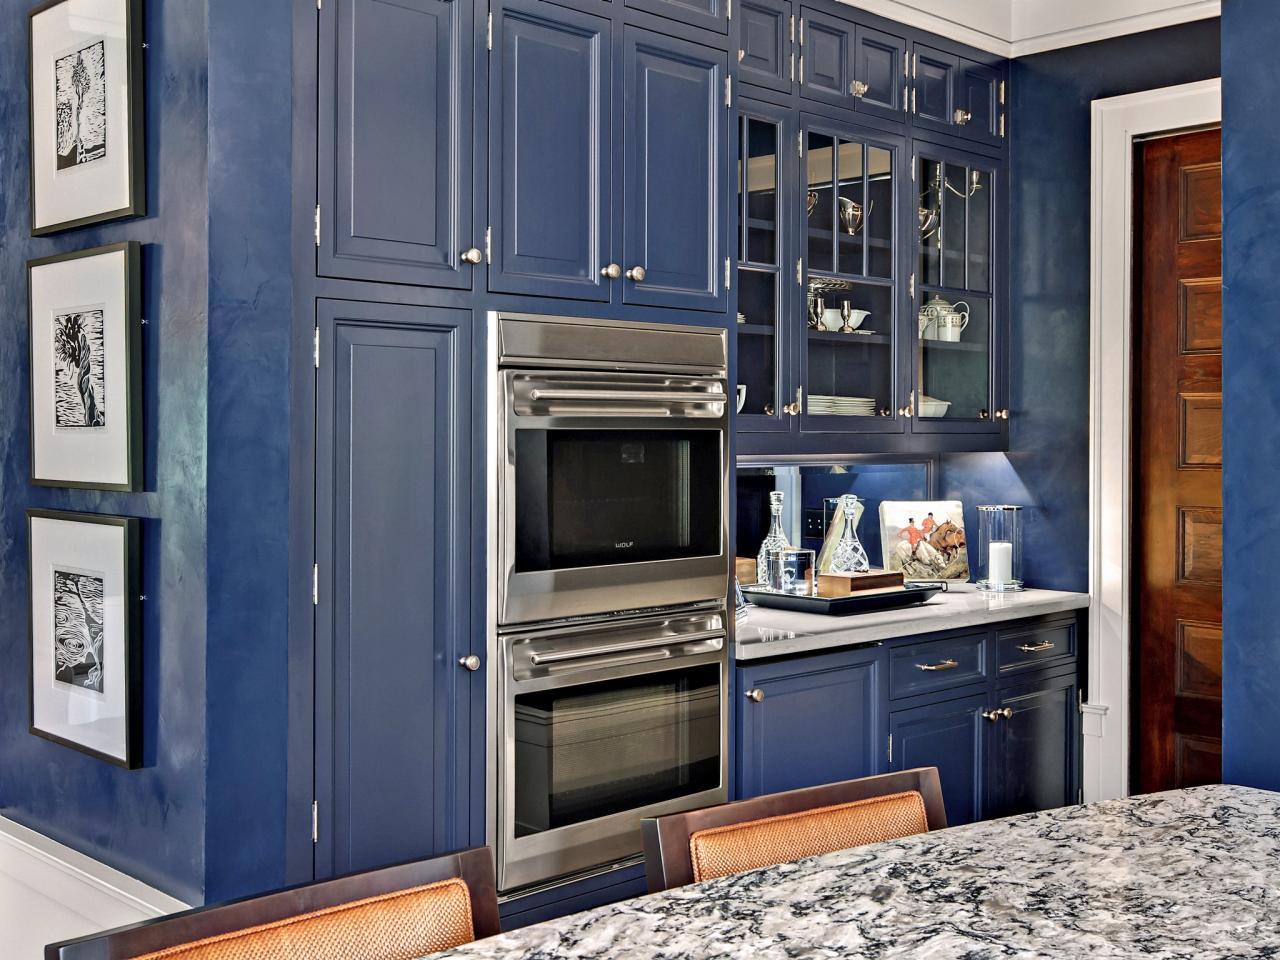 Кухня в голубых тонах со штукатуркой